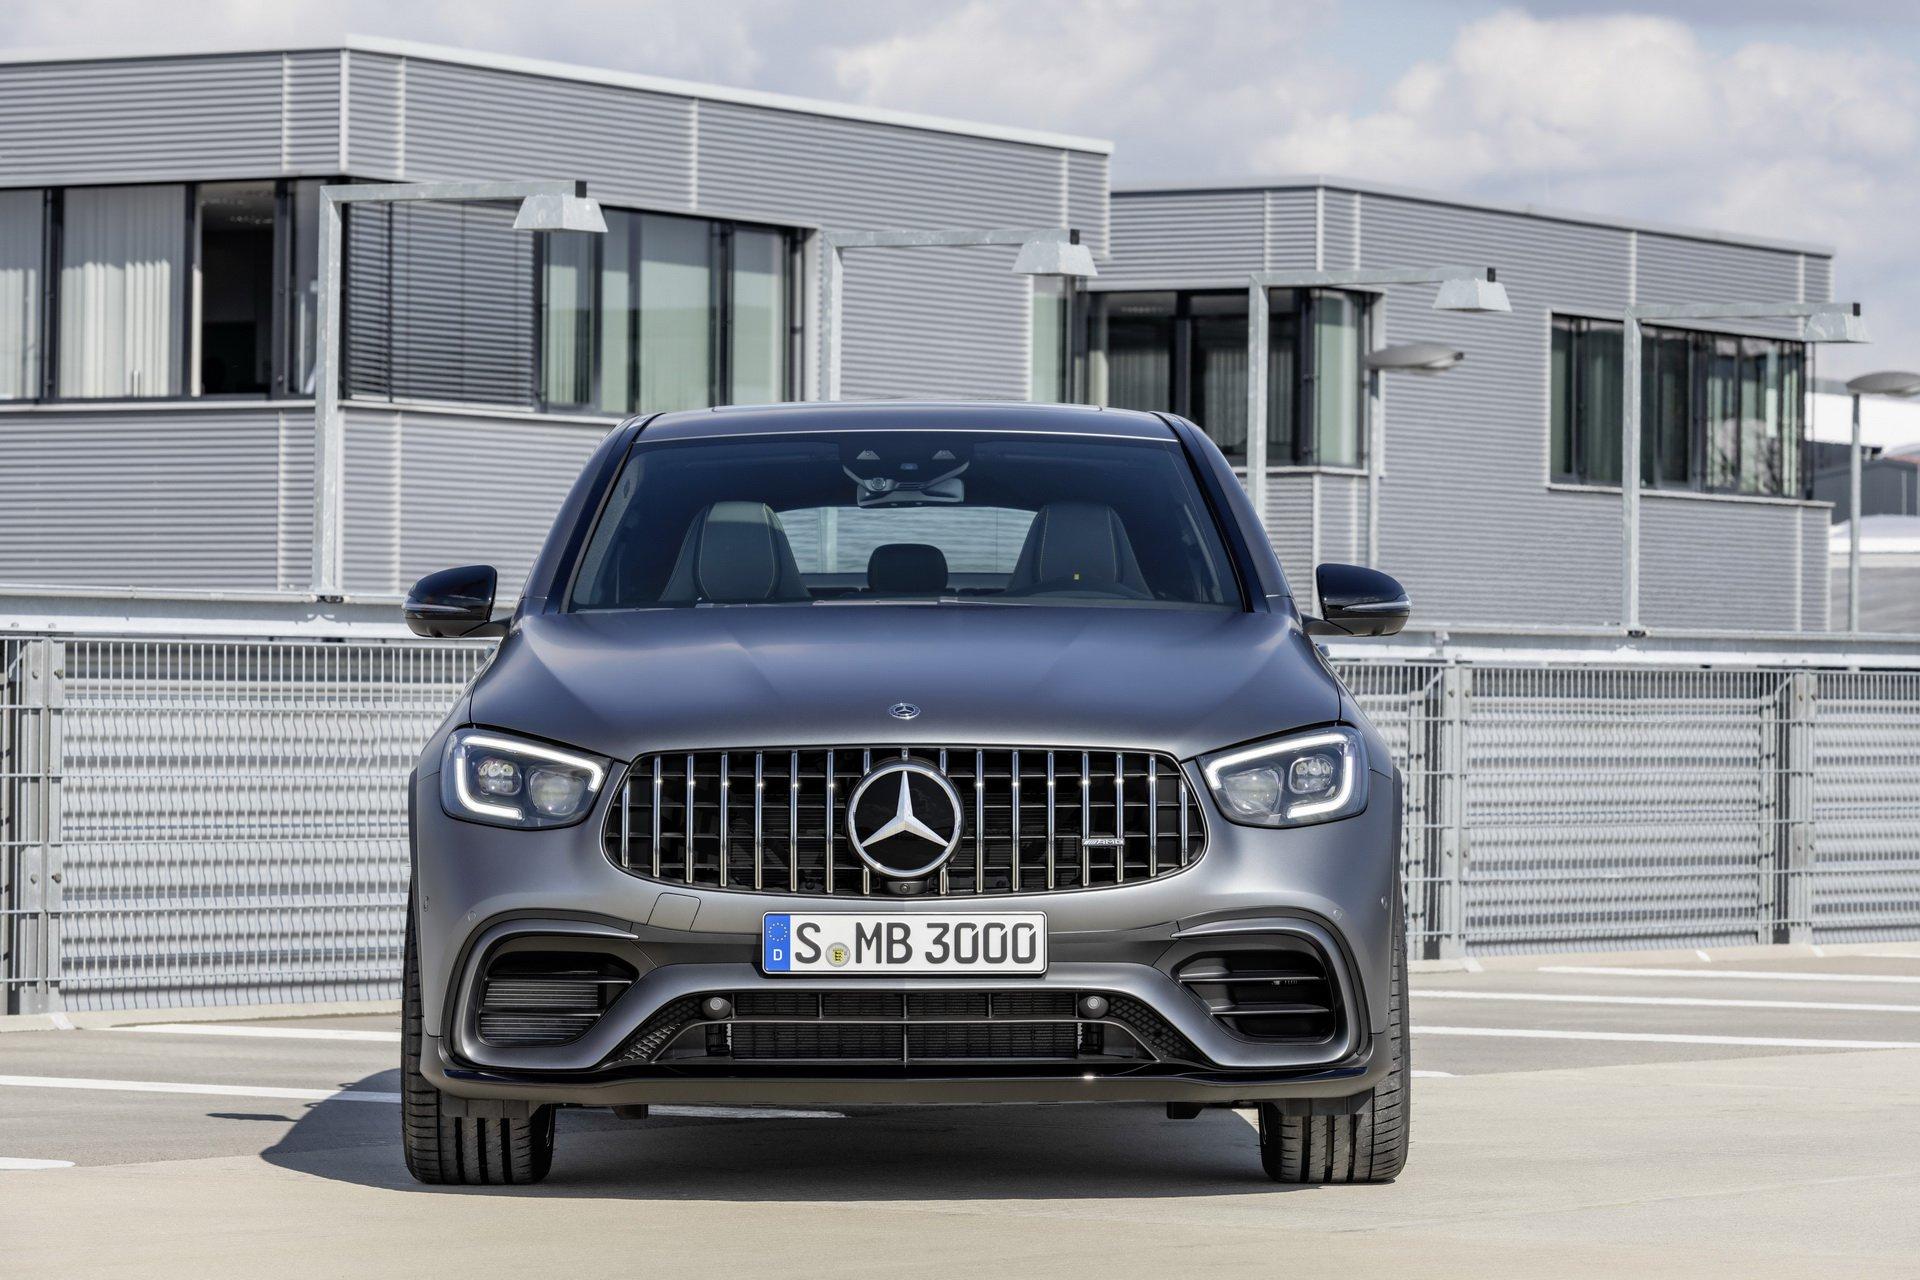 Mercedes AMG GLC 63 phiên bản mạnh nhất có giá từ 2,2 tỷ đồng tại Anh - 15